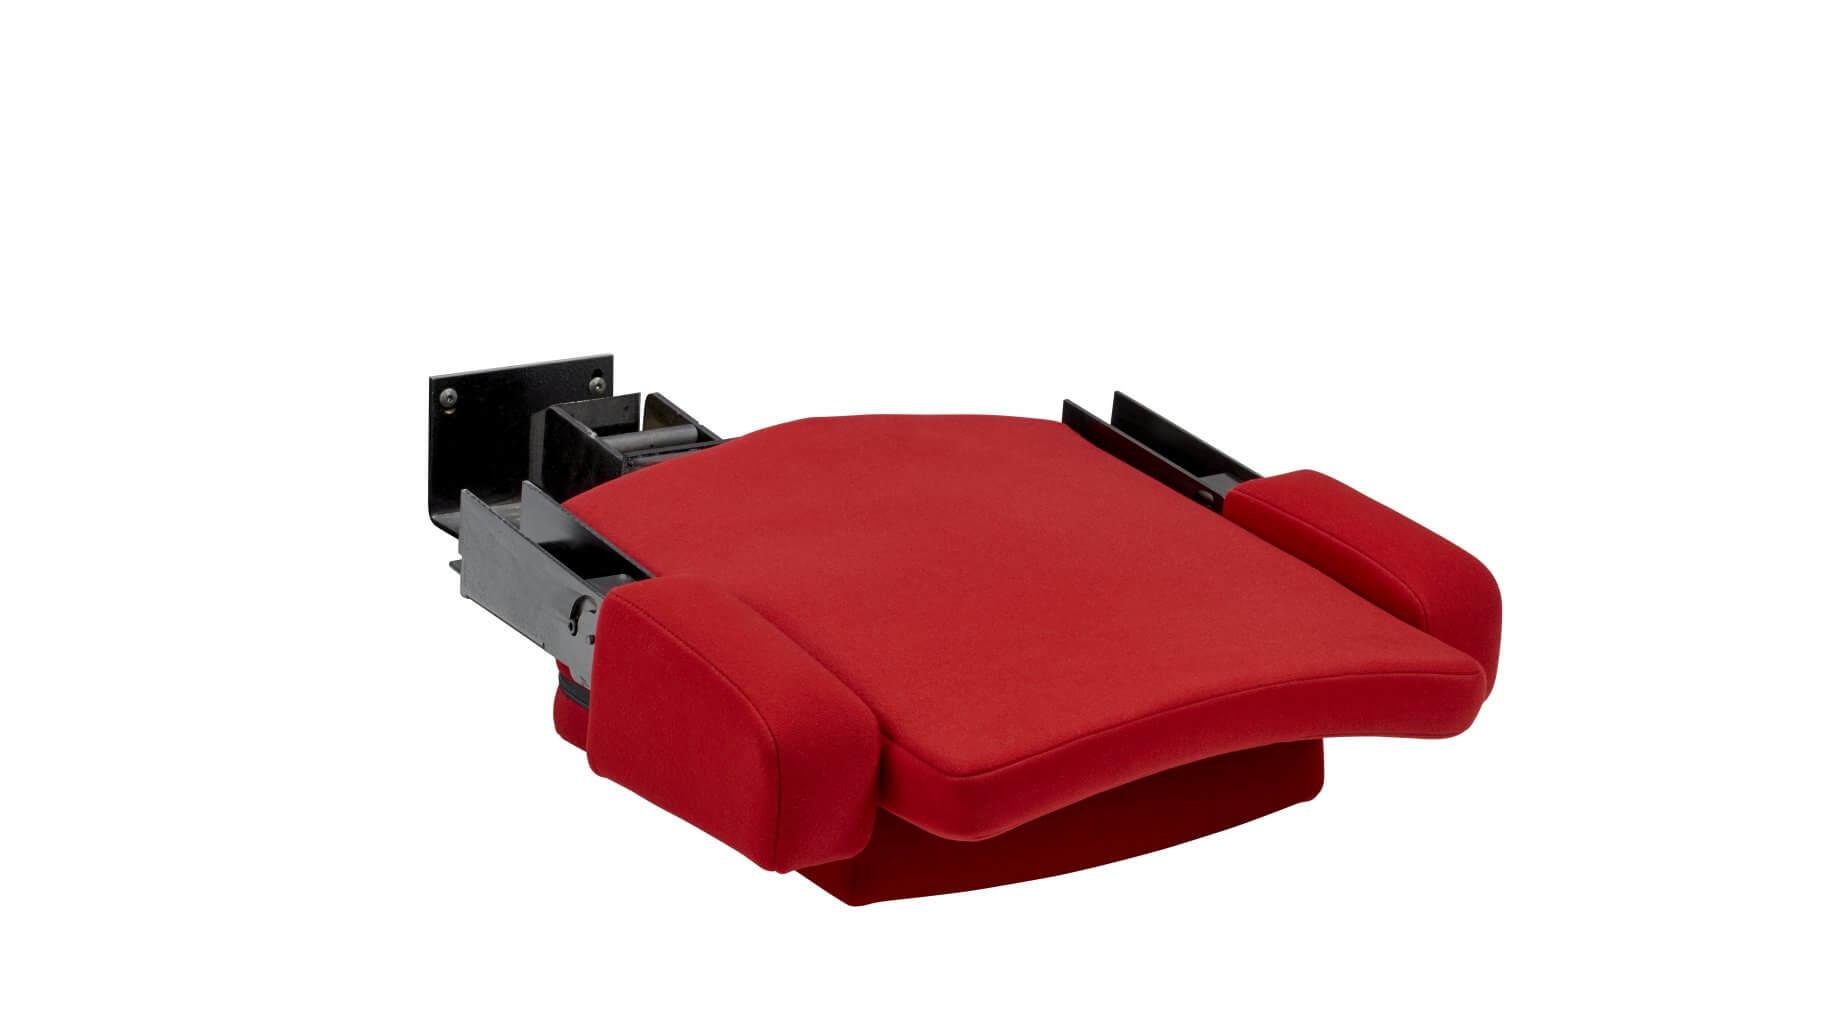 Leso DT 3-4 AV 5-5 copie Leso DT- tibune-kleslo Leader de fabrication de fauteuils cinéma, théâtre ...